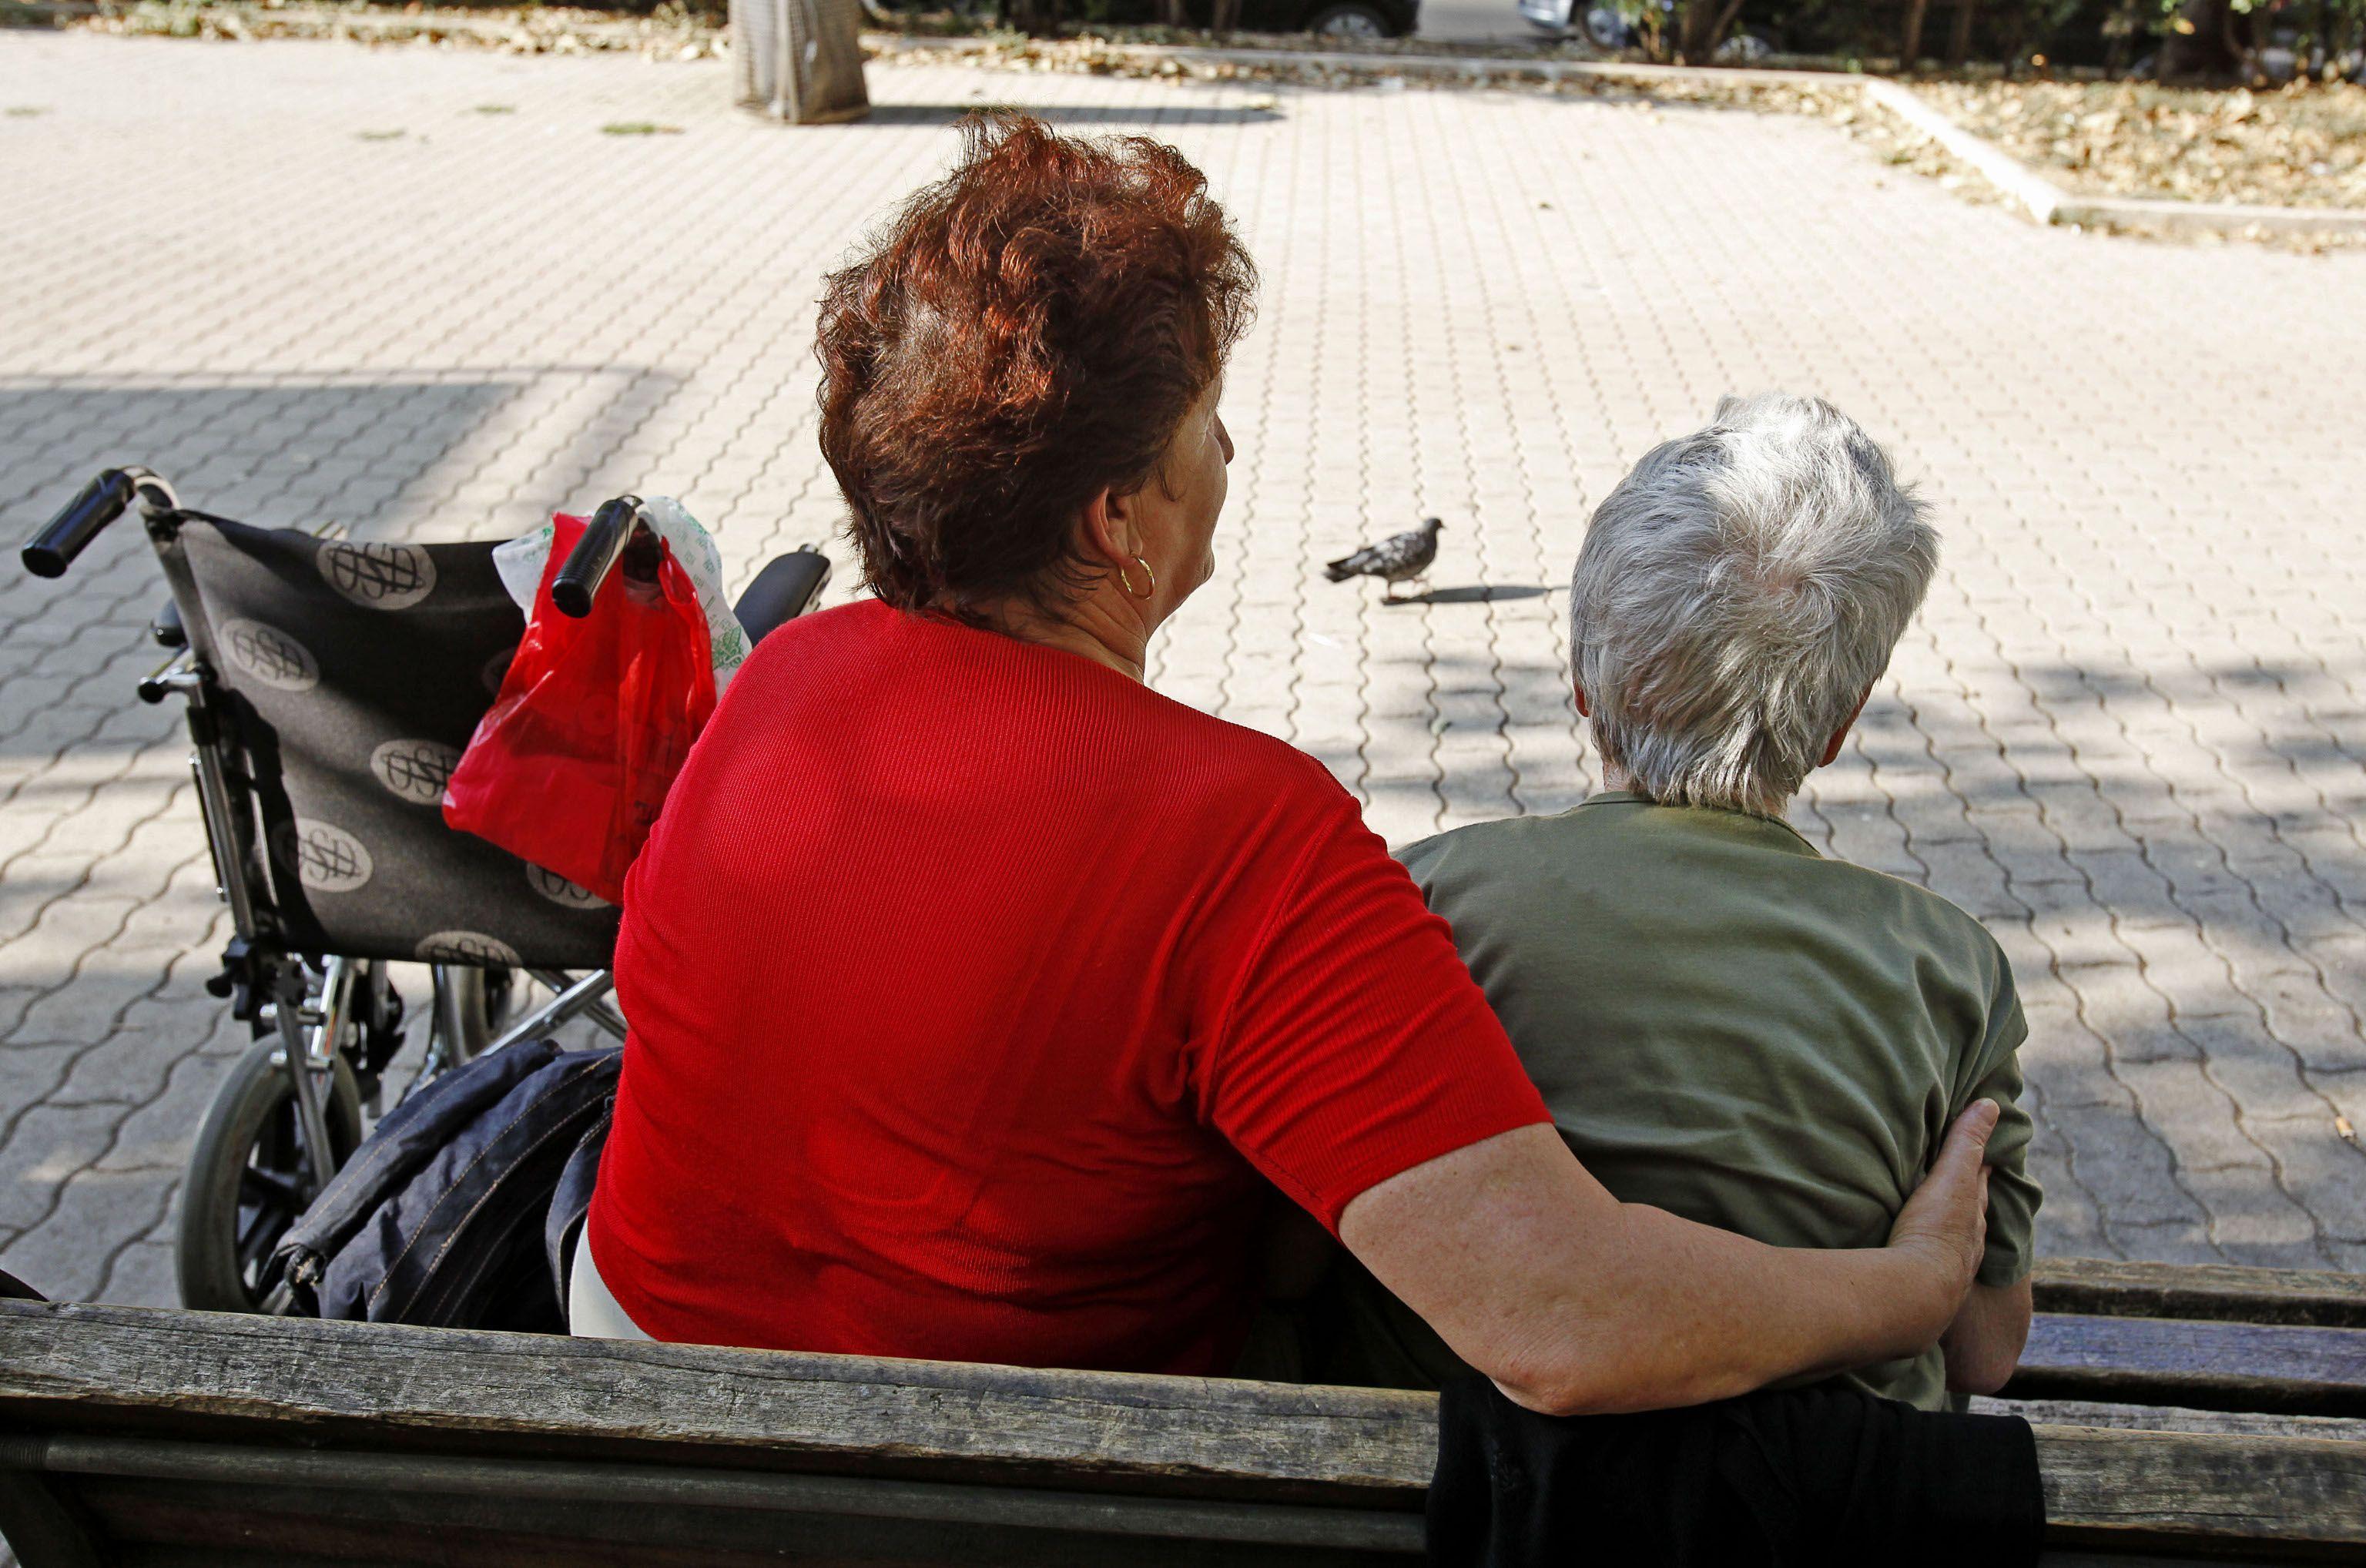 Pensioni e lavori gravosi: il governo propone di far salire a 15 le categorie esentate dall'aumento dell'età